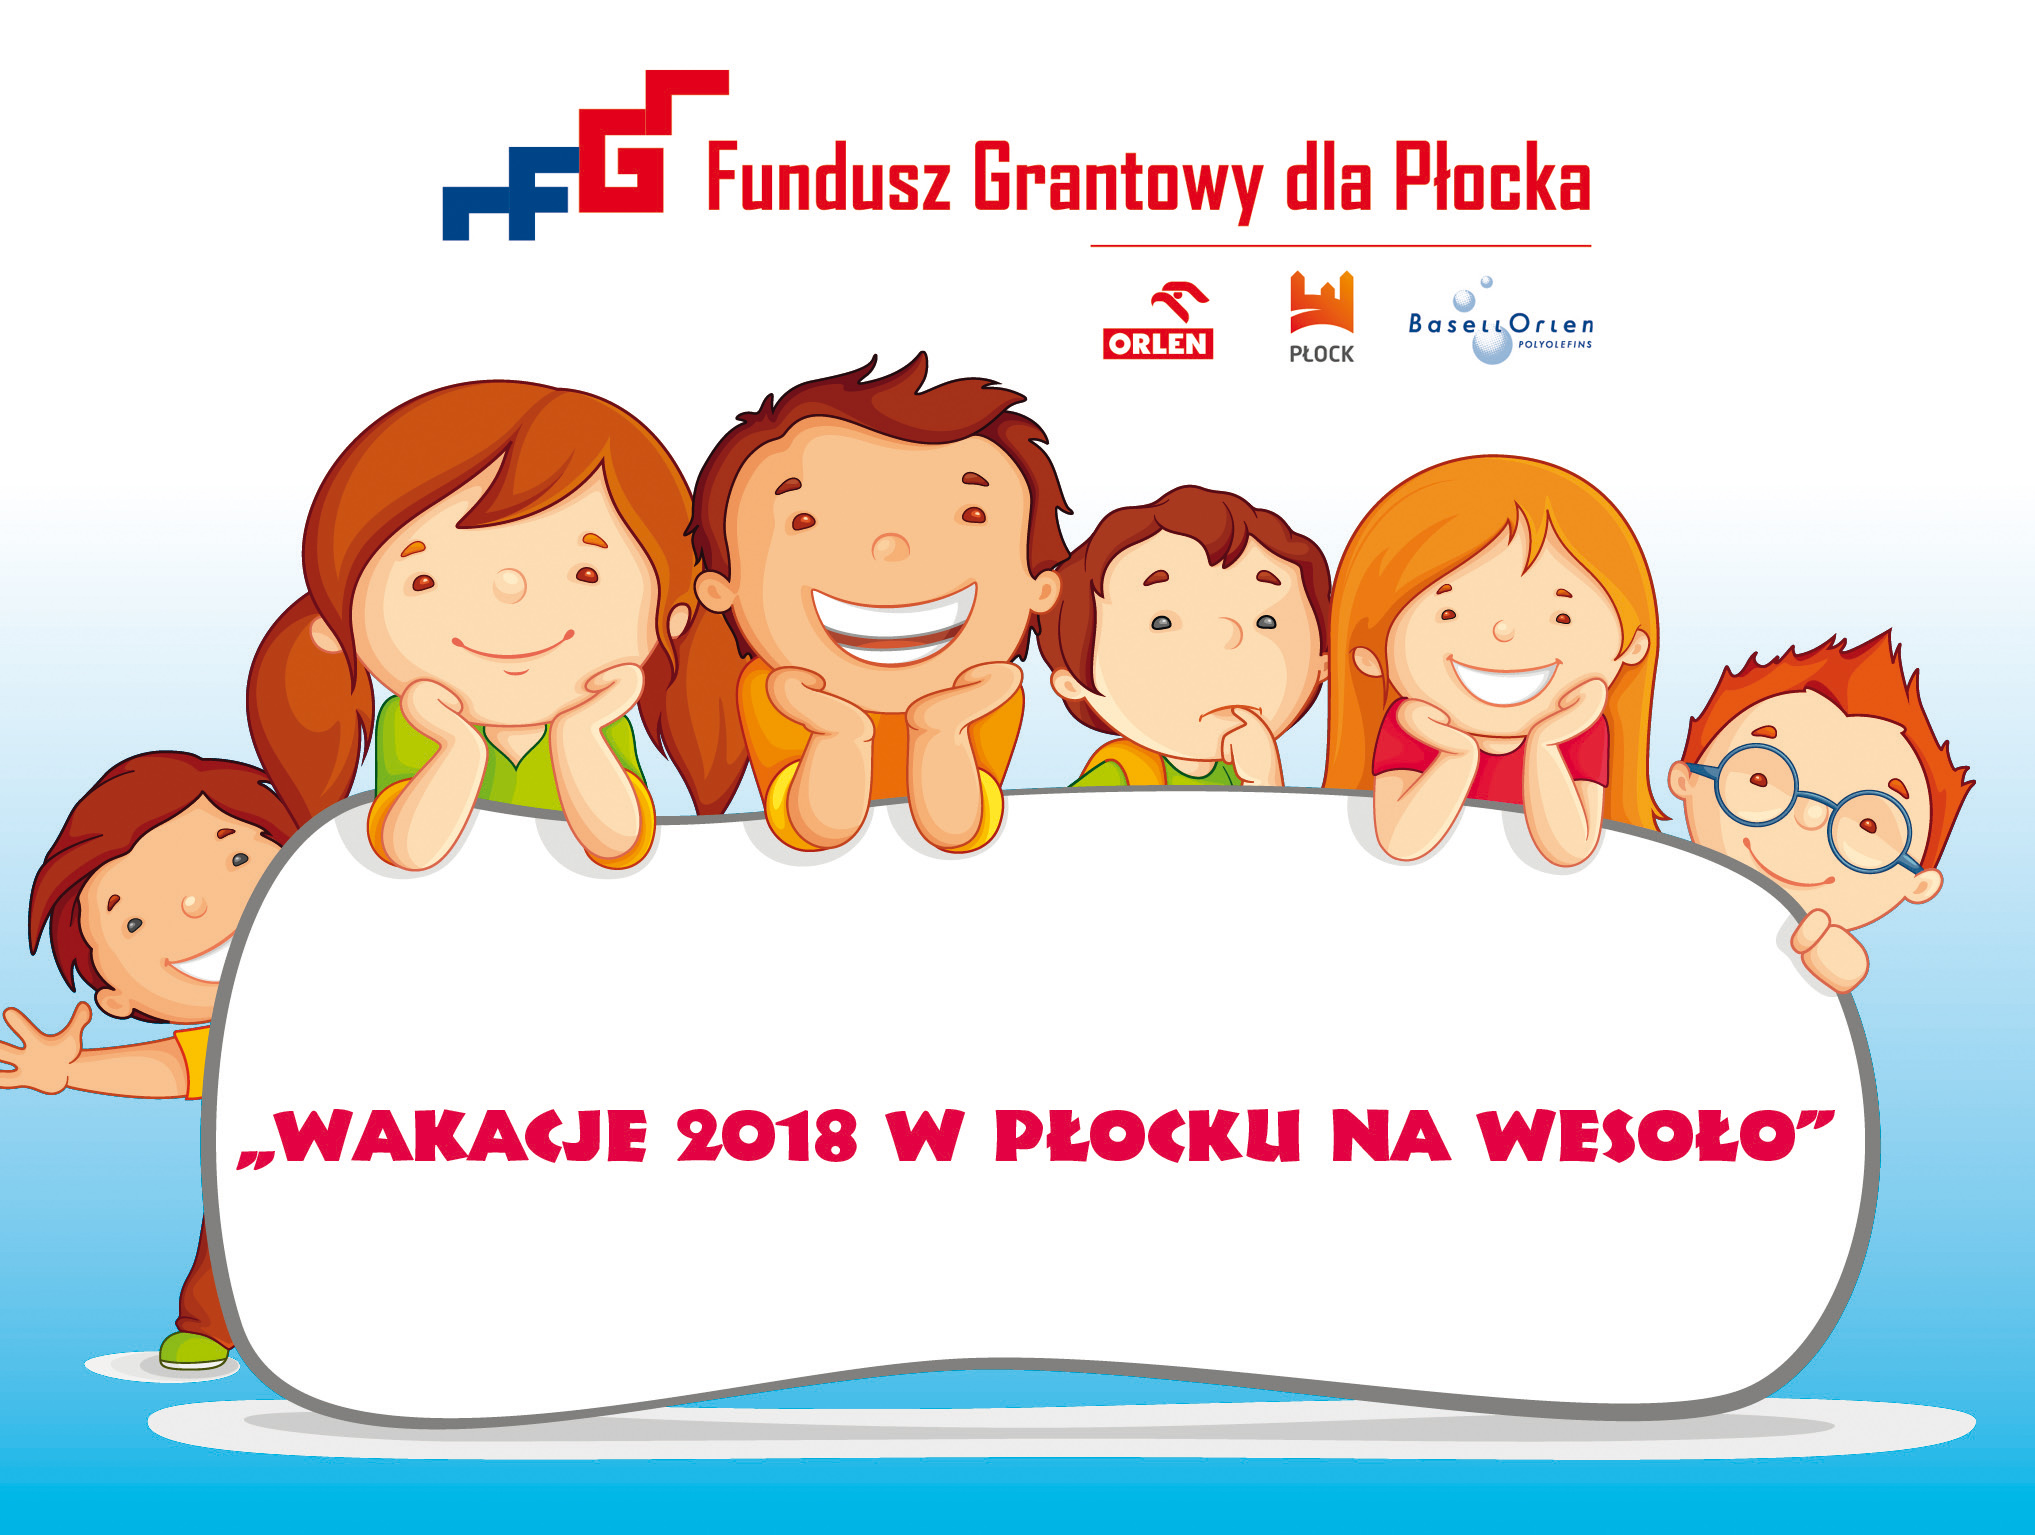 Wakacje 2018 W Płocku Na Wesoło Wyniki Fundacja Fundusz